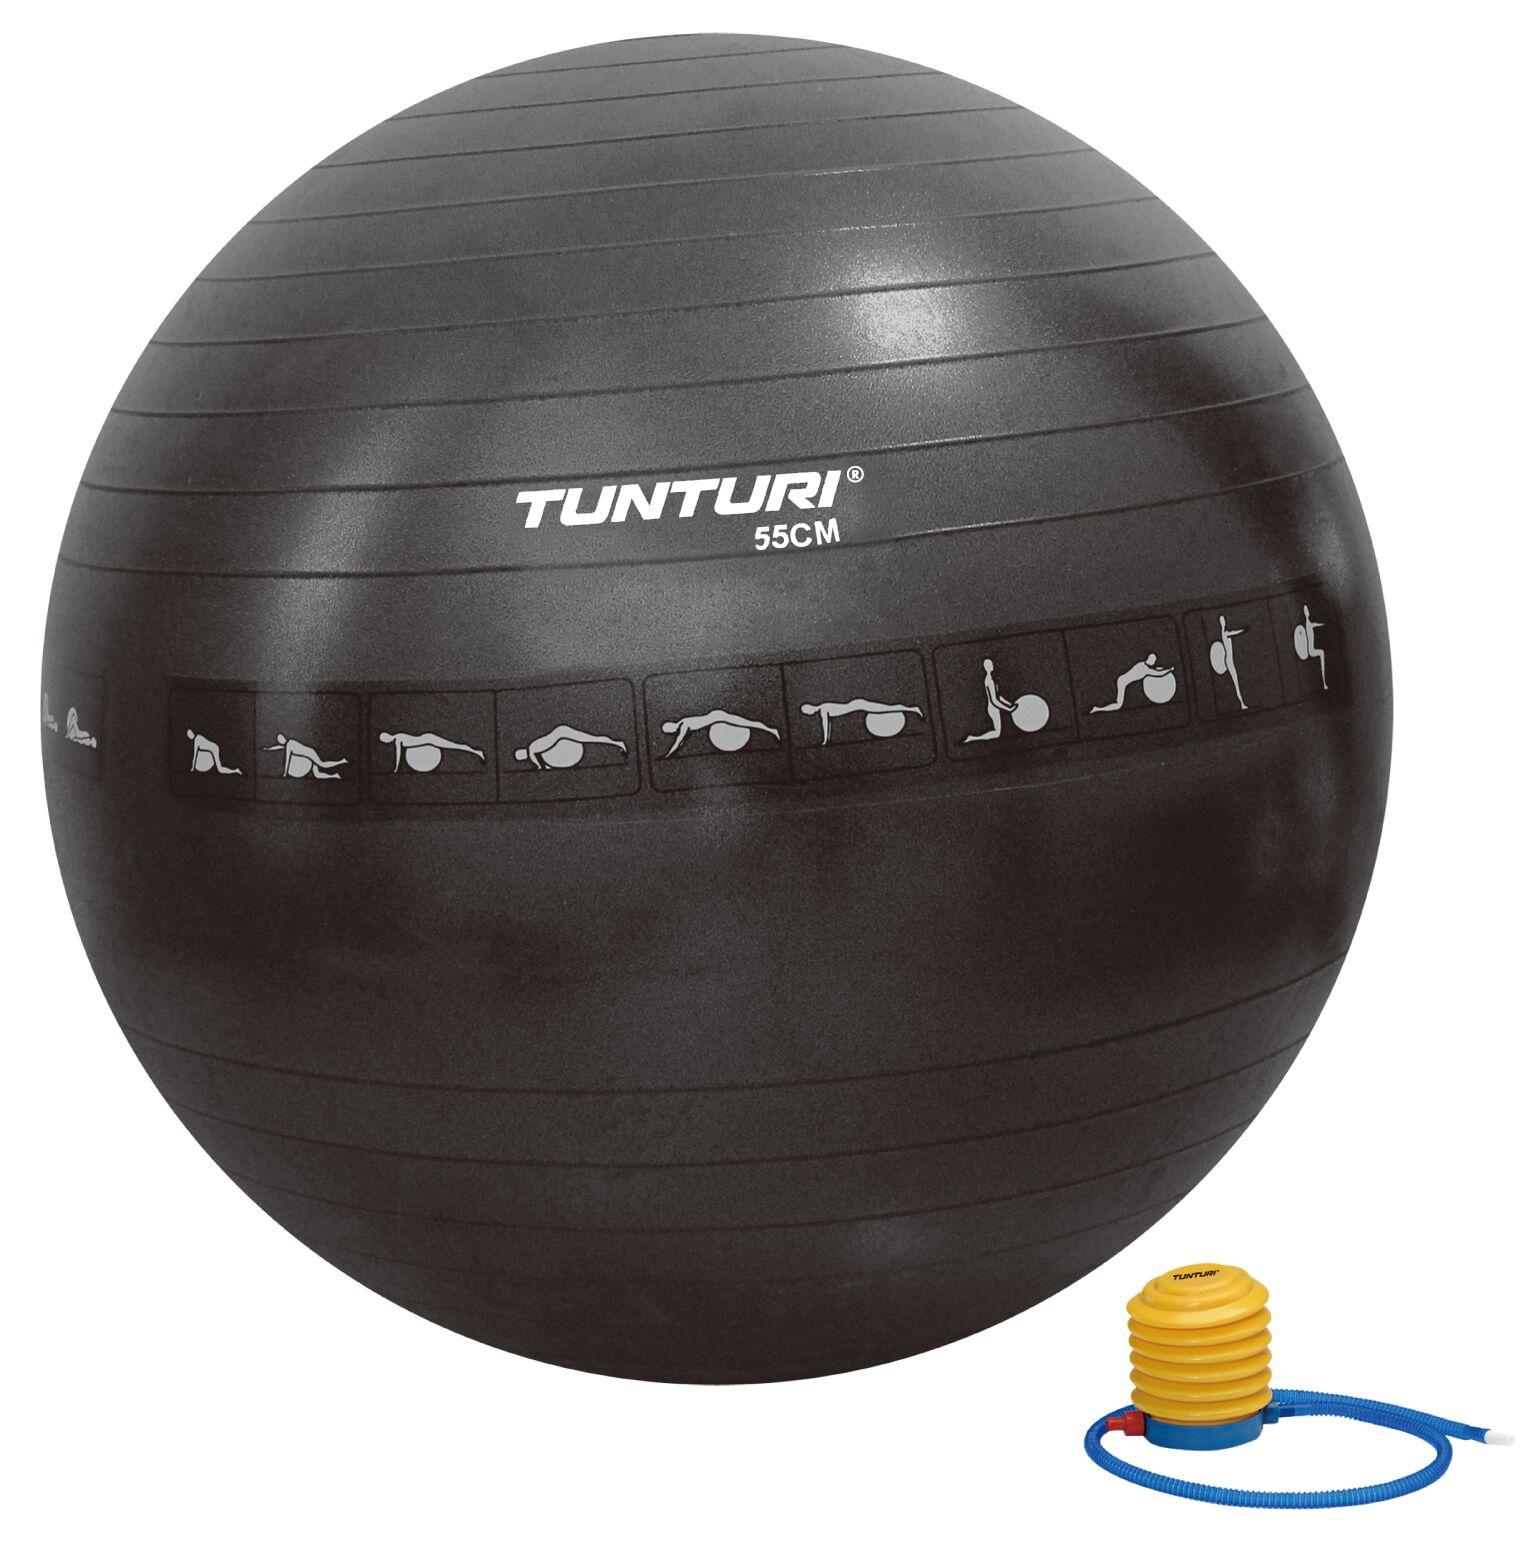 Tunturi-Bremshey Gymball 65 Cm. Anti-burst Stuk